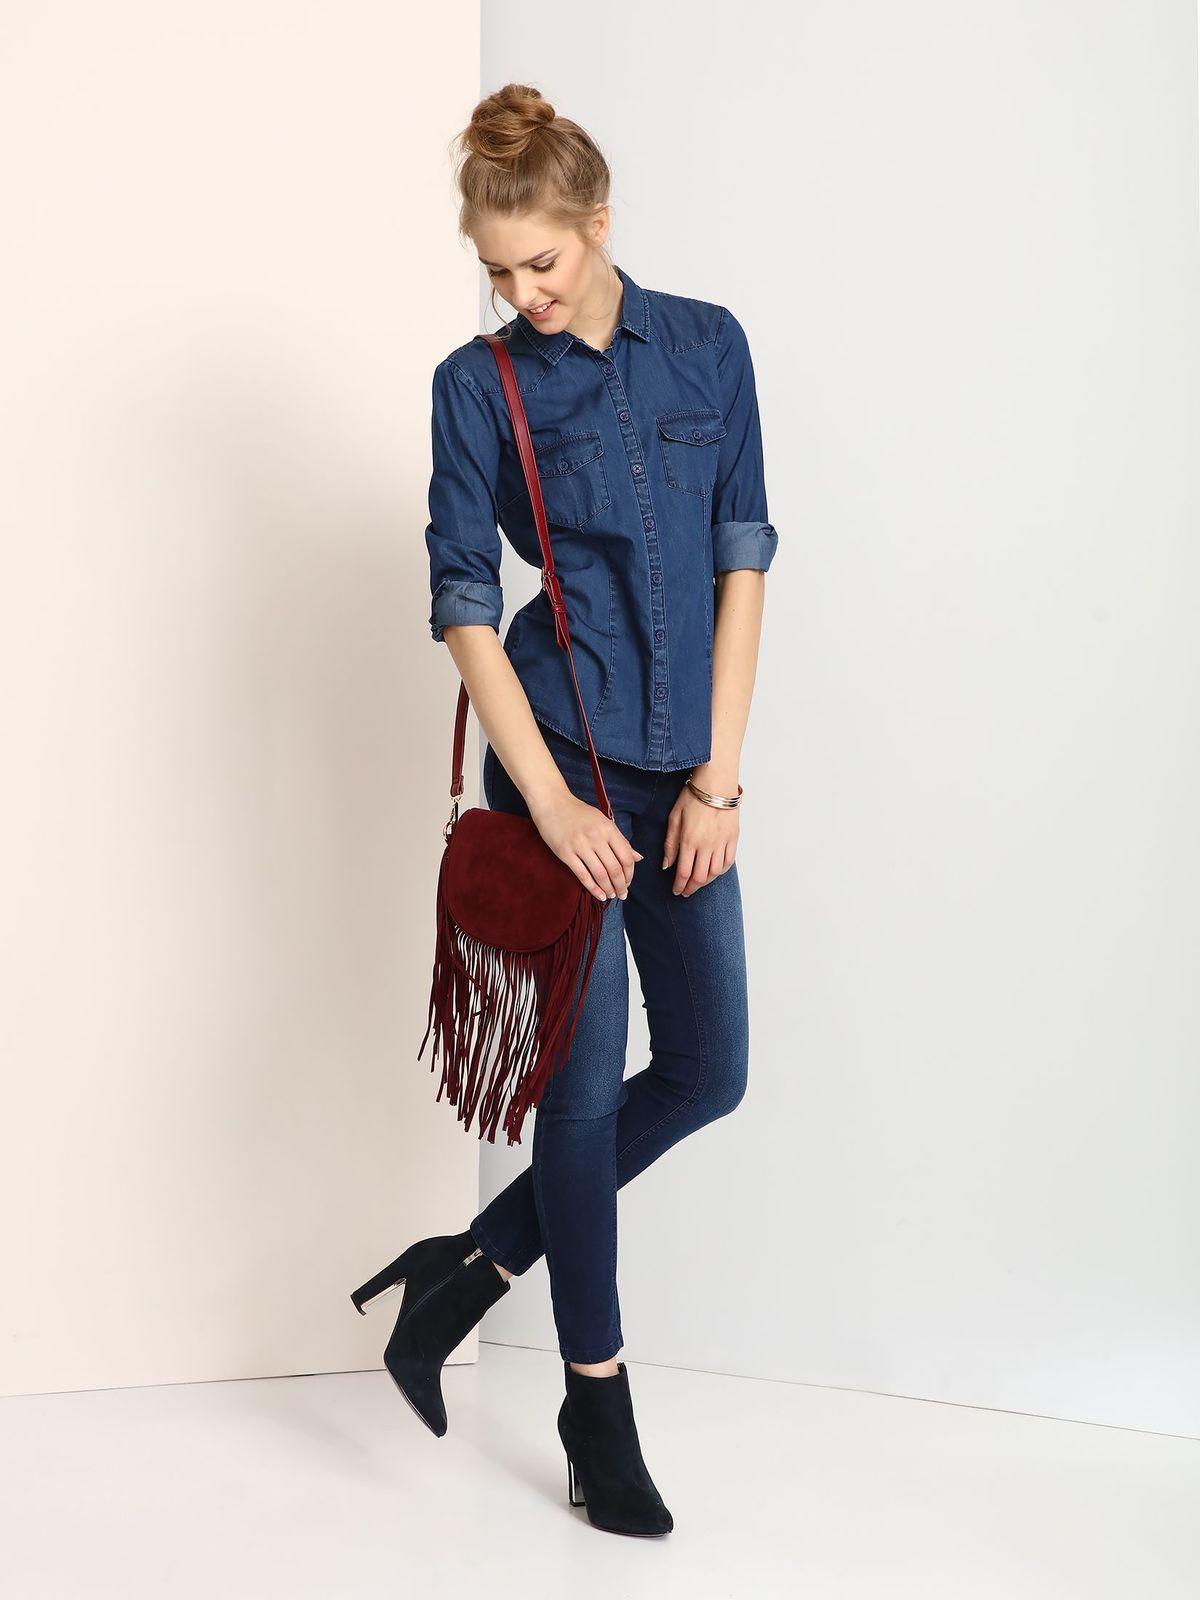 d6b177301c46 TROLL γυναικειο τζιν πουκαμισο